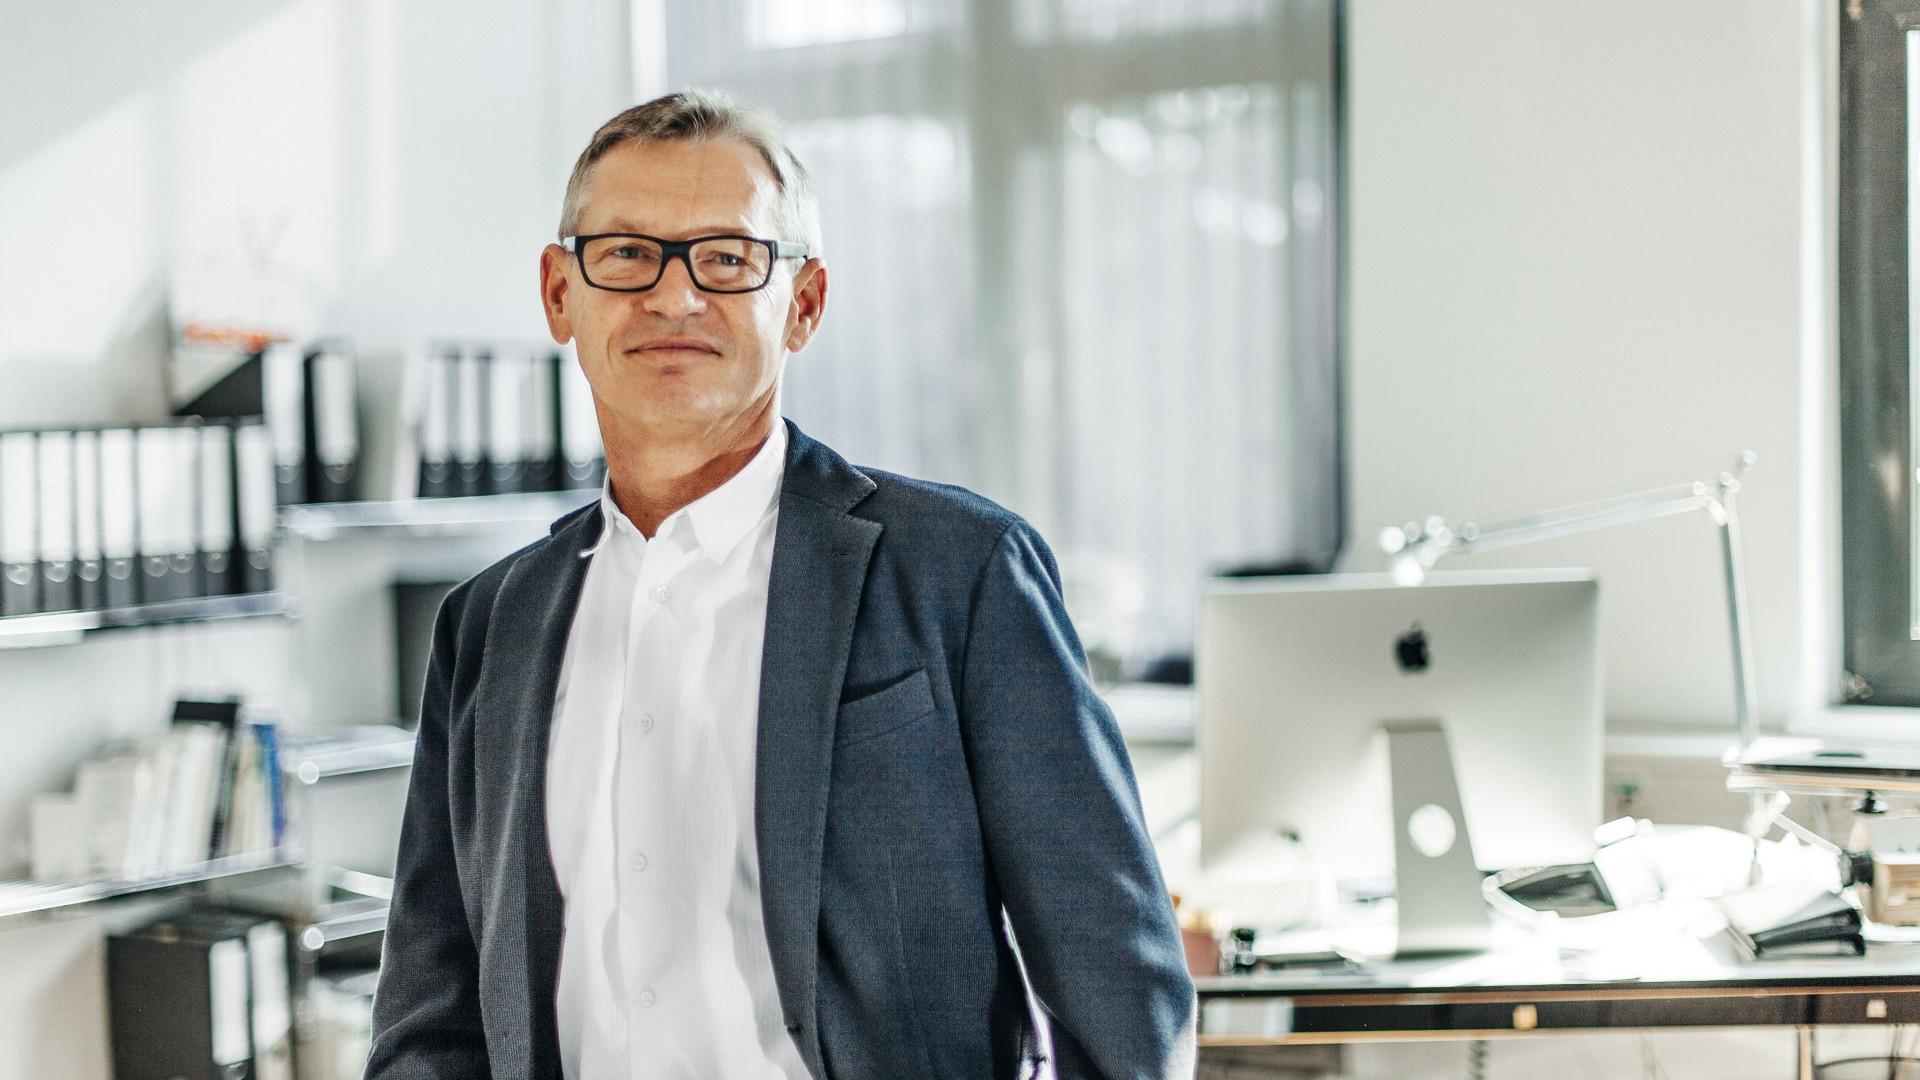 Hans-Peter steht in weißem Hemd und blauem Sakko vor seinem Schreibtisch.